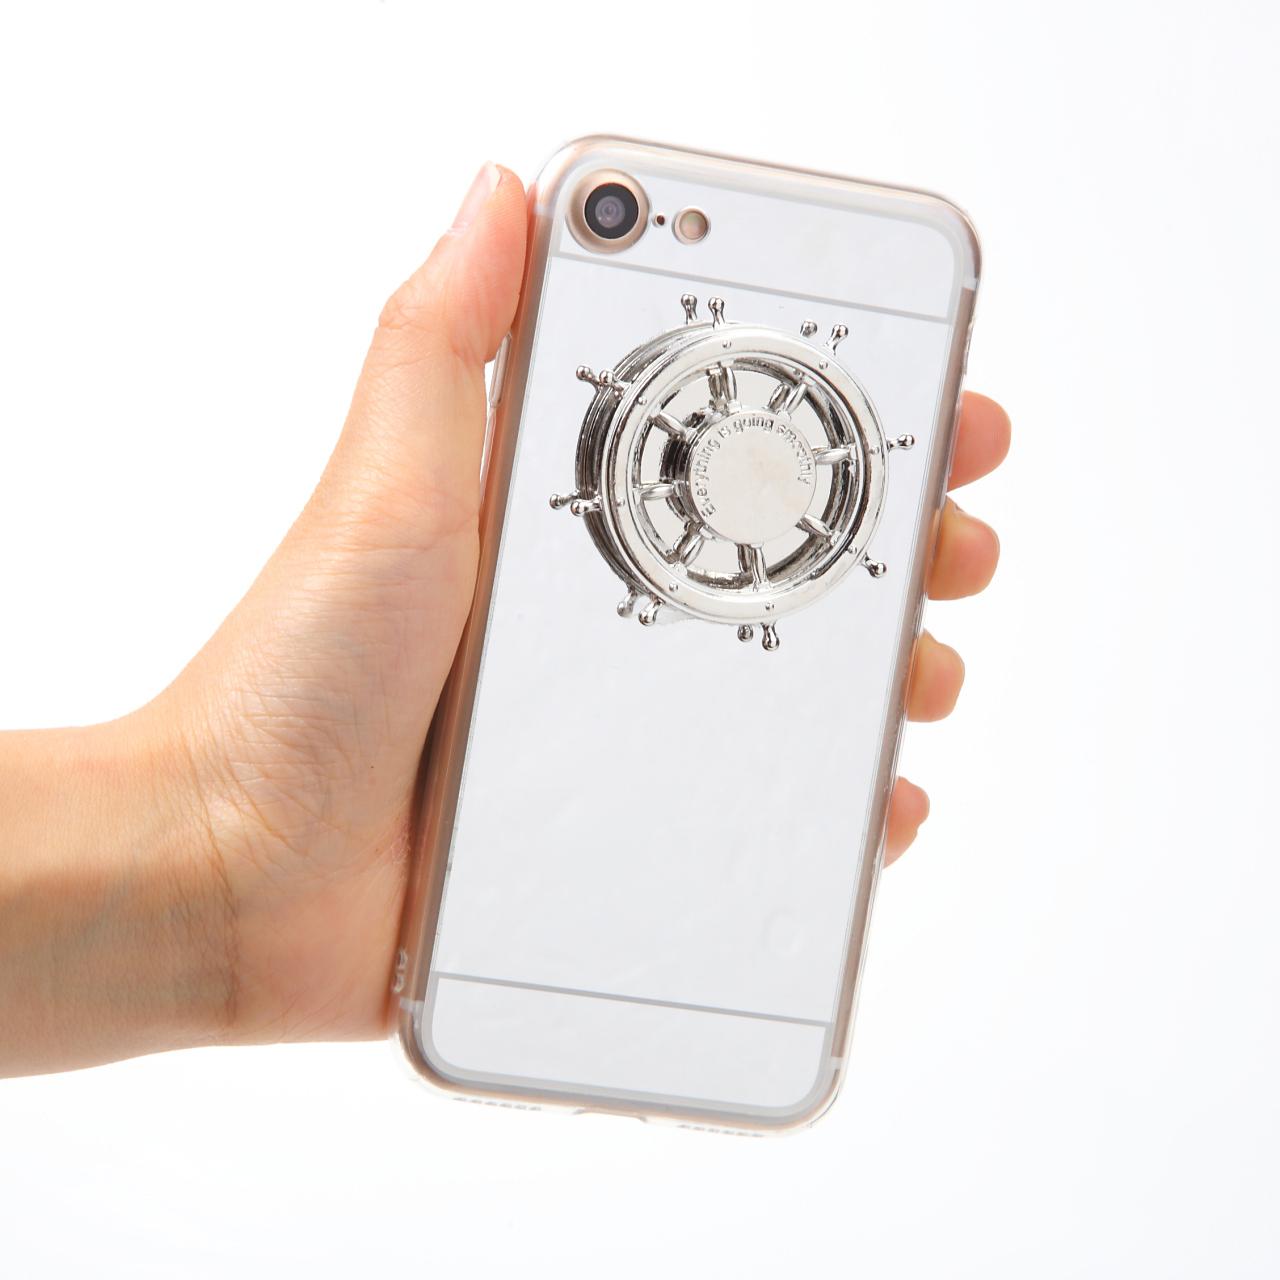 【即納★送料無料】シルバーミラーのケース 舵輪 船のハンドル iPhoneケース